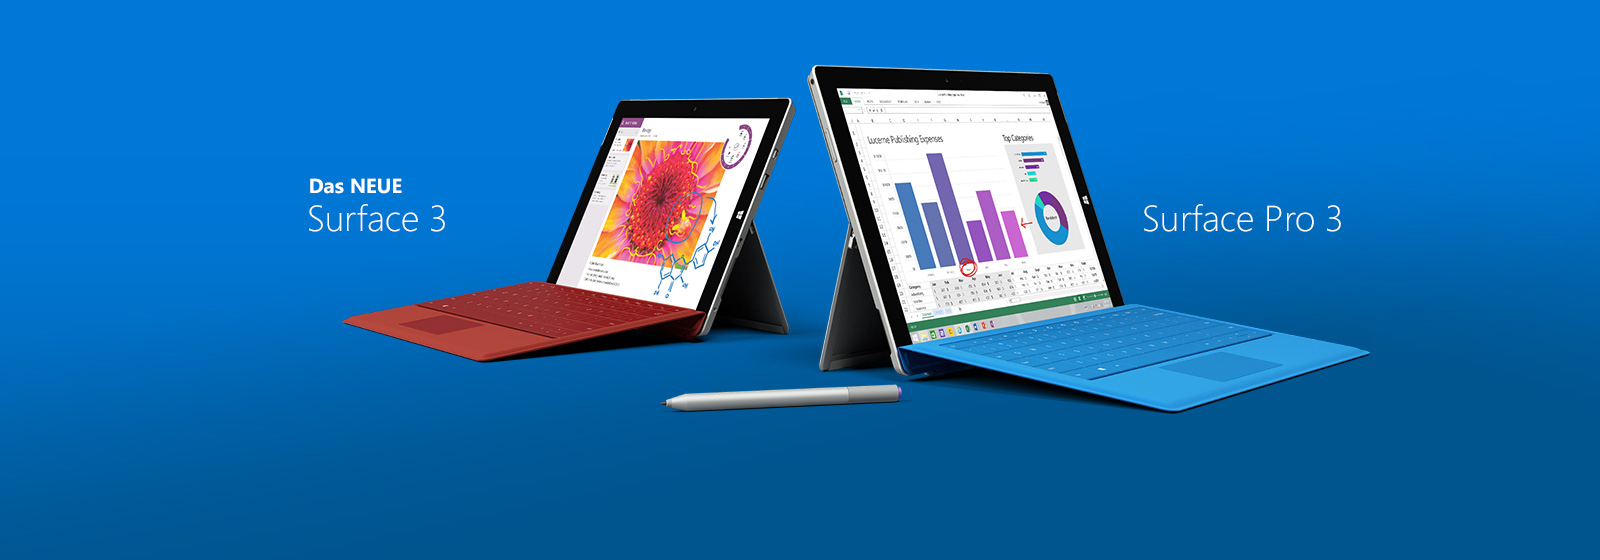 Finden Sie das Surface, das zu Ihnen passt. Jetzt kaufen.